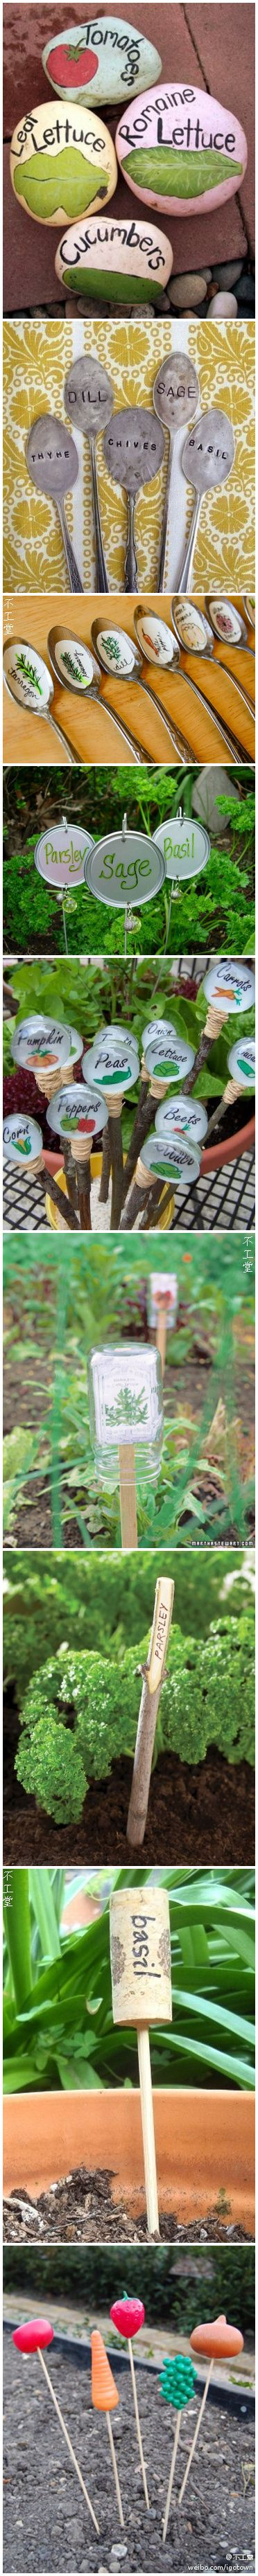 De jolies idées pour marquer les plantations dans le jardin - Cute garden markers.